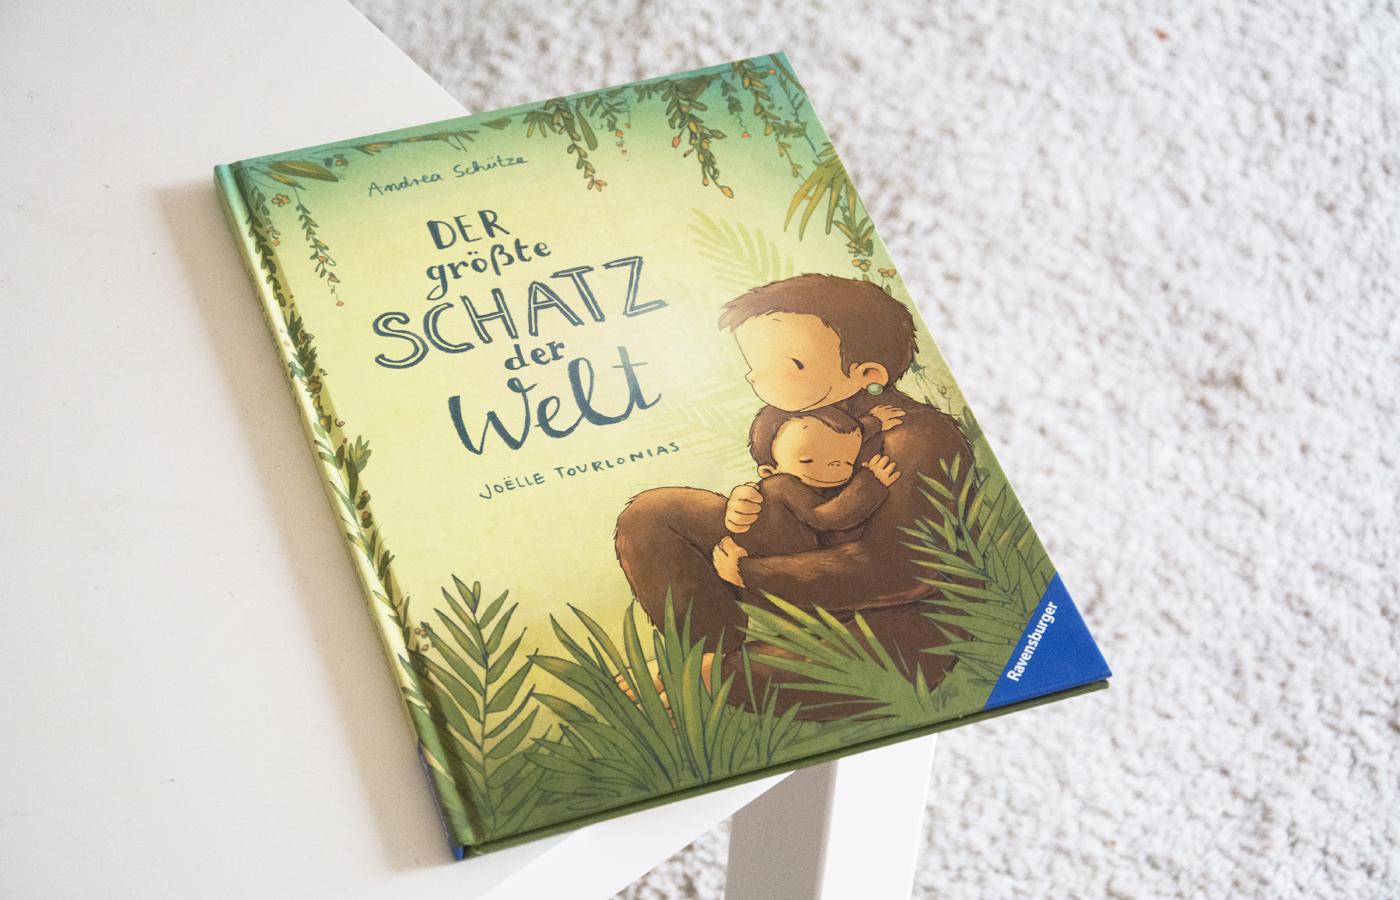 Literaturbesprechung: »Der größte Schatz der Welt« von Andrea Schütze & Joëlle Tourlonias